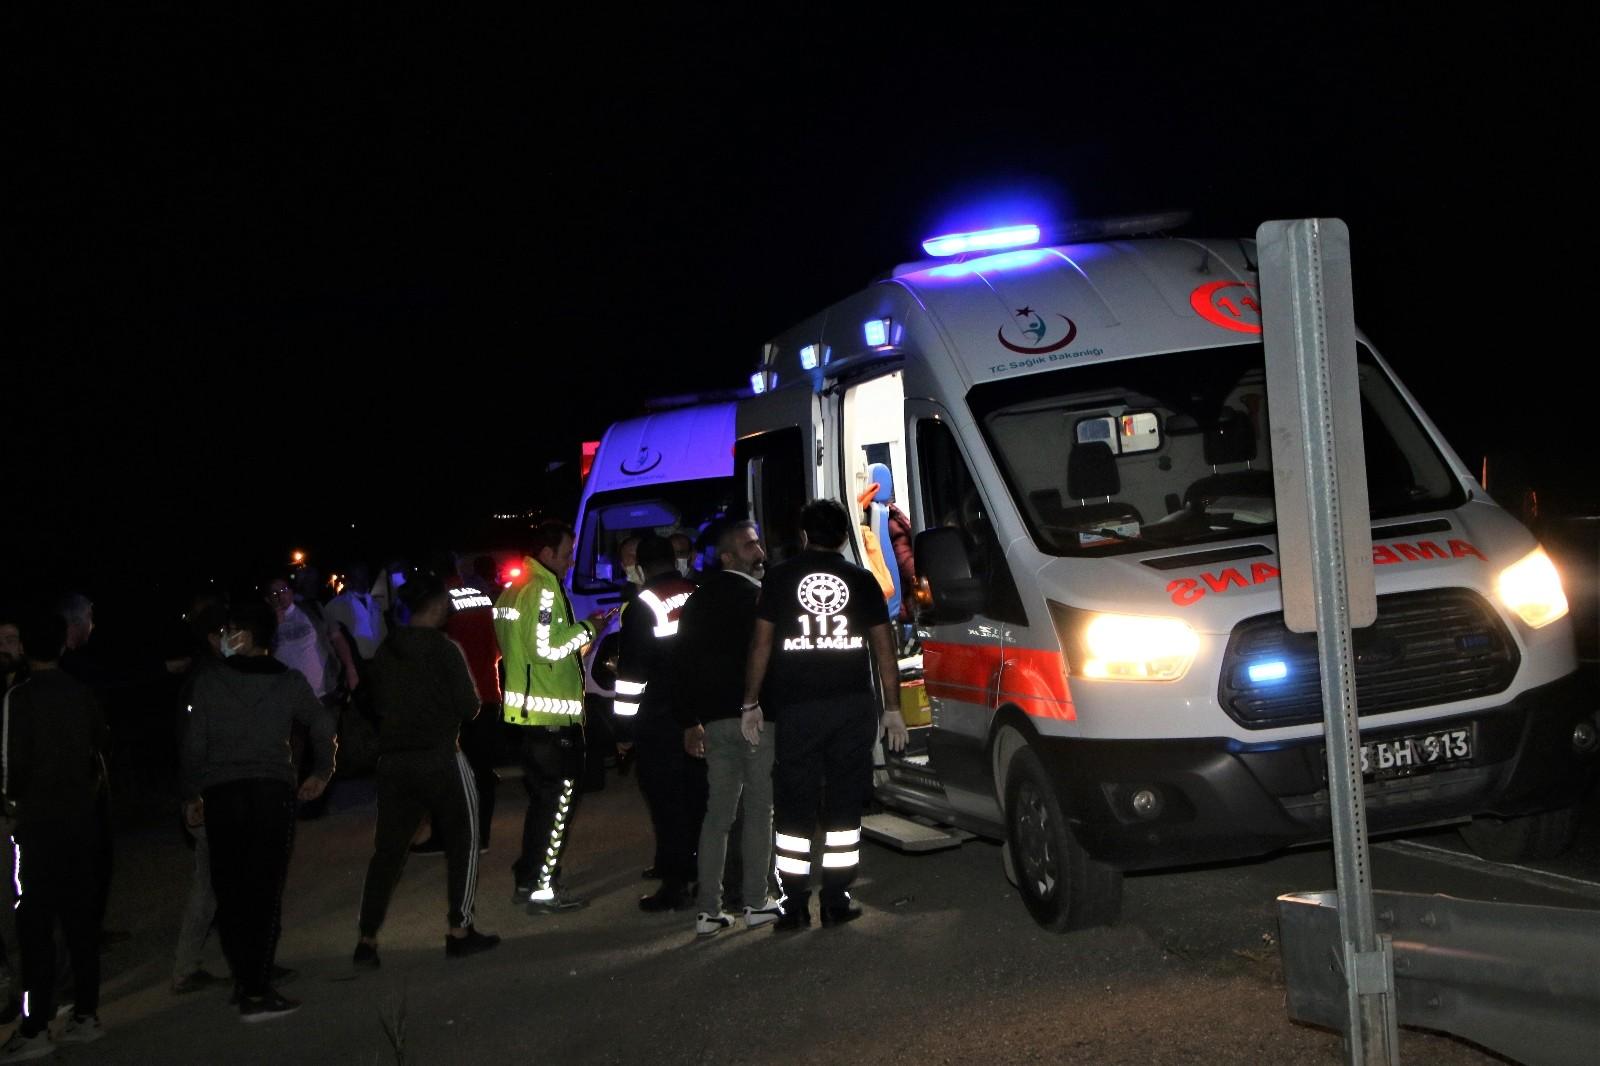 Elazığ'da çarpışan araçlar şarampole yuvarlandı: 2'si ağır 5 yaralı